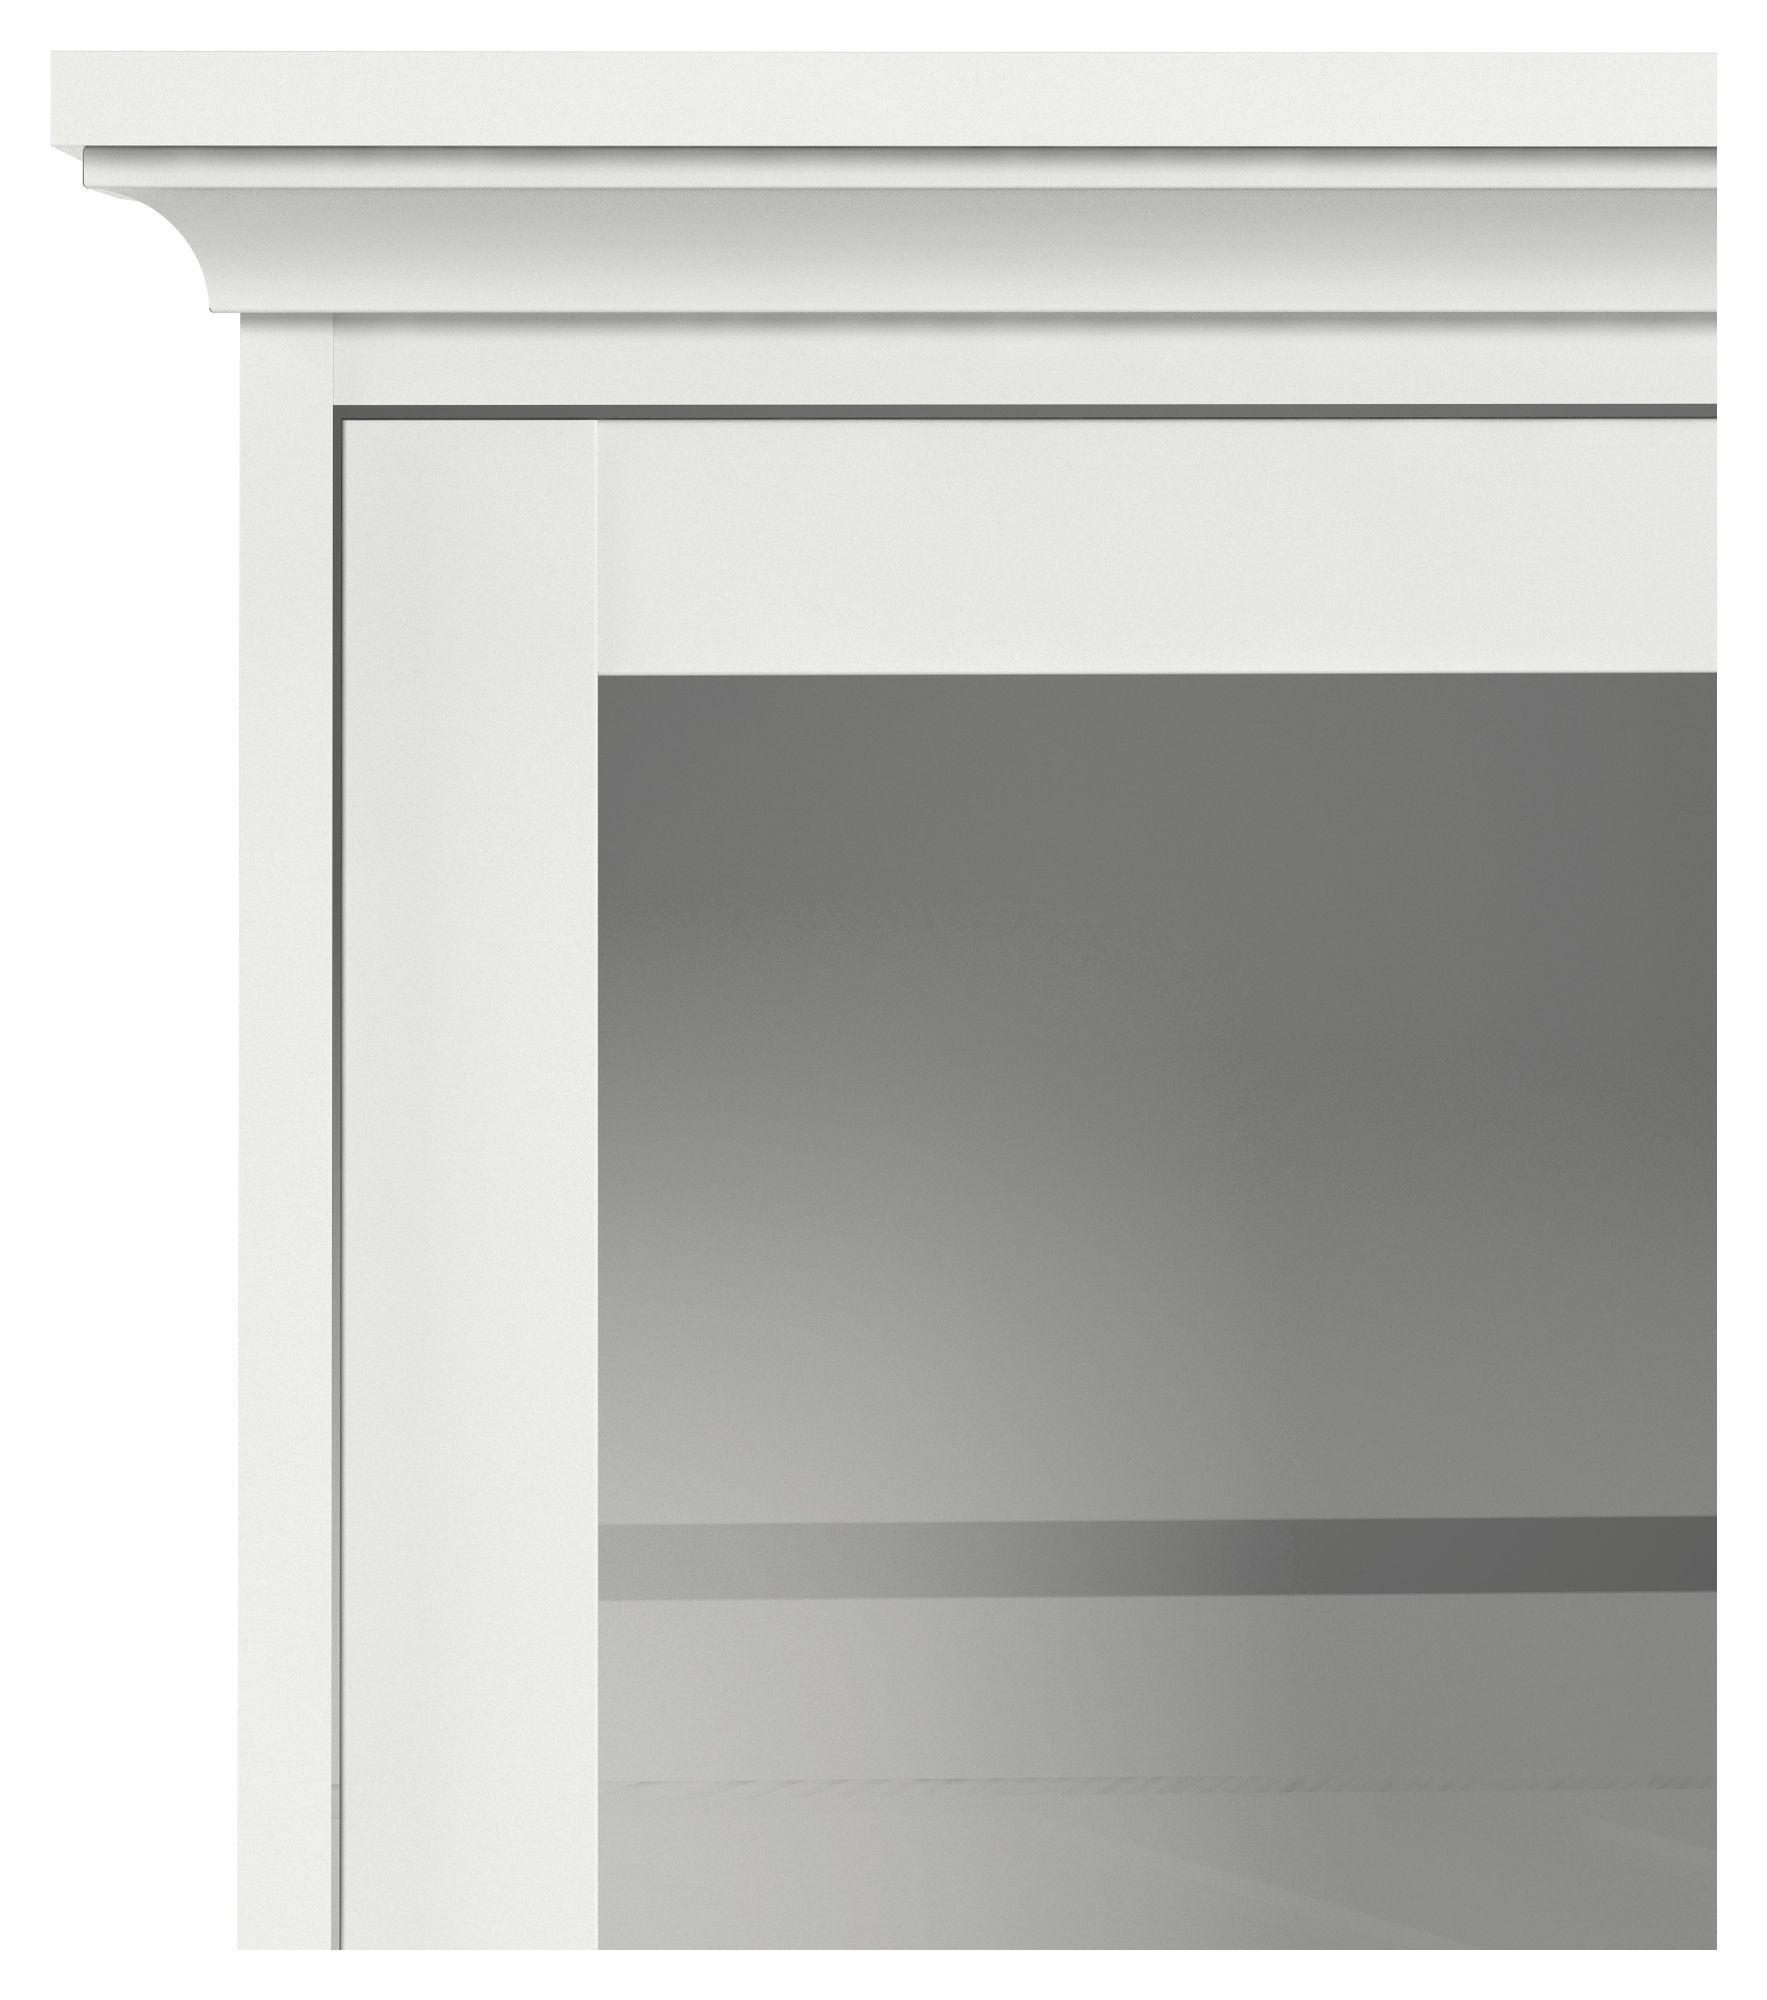 Paris Vægvitrine - Hvid B:98 - Hængemodul med glas låger i hvid